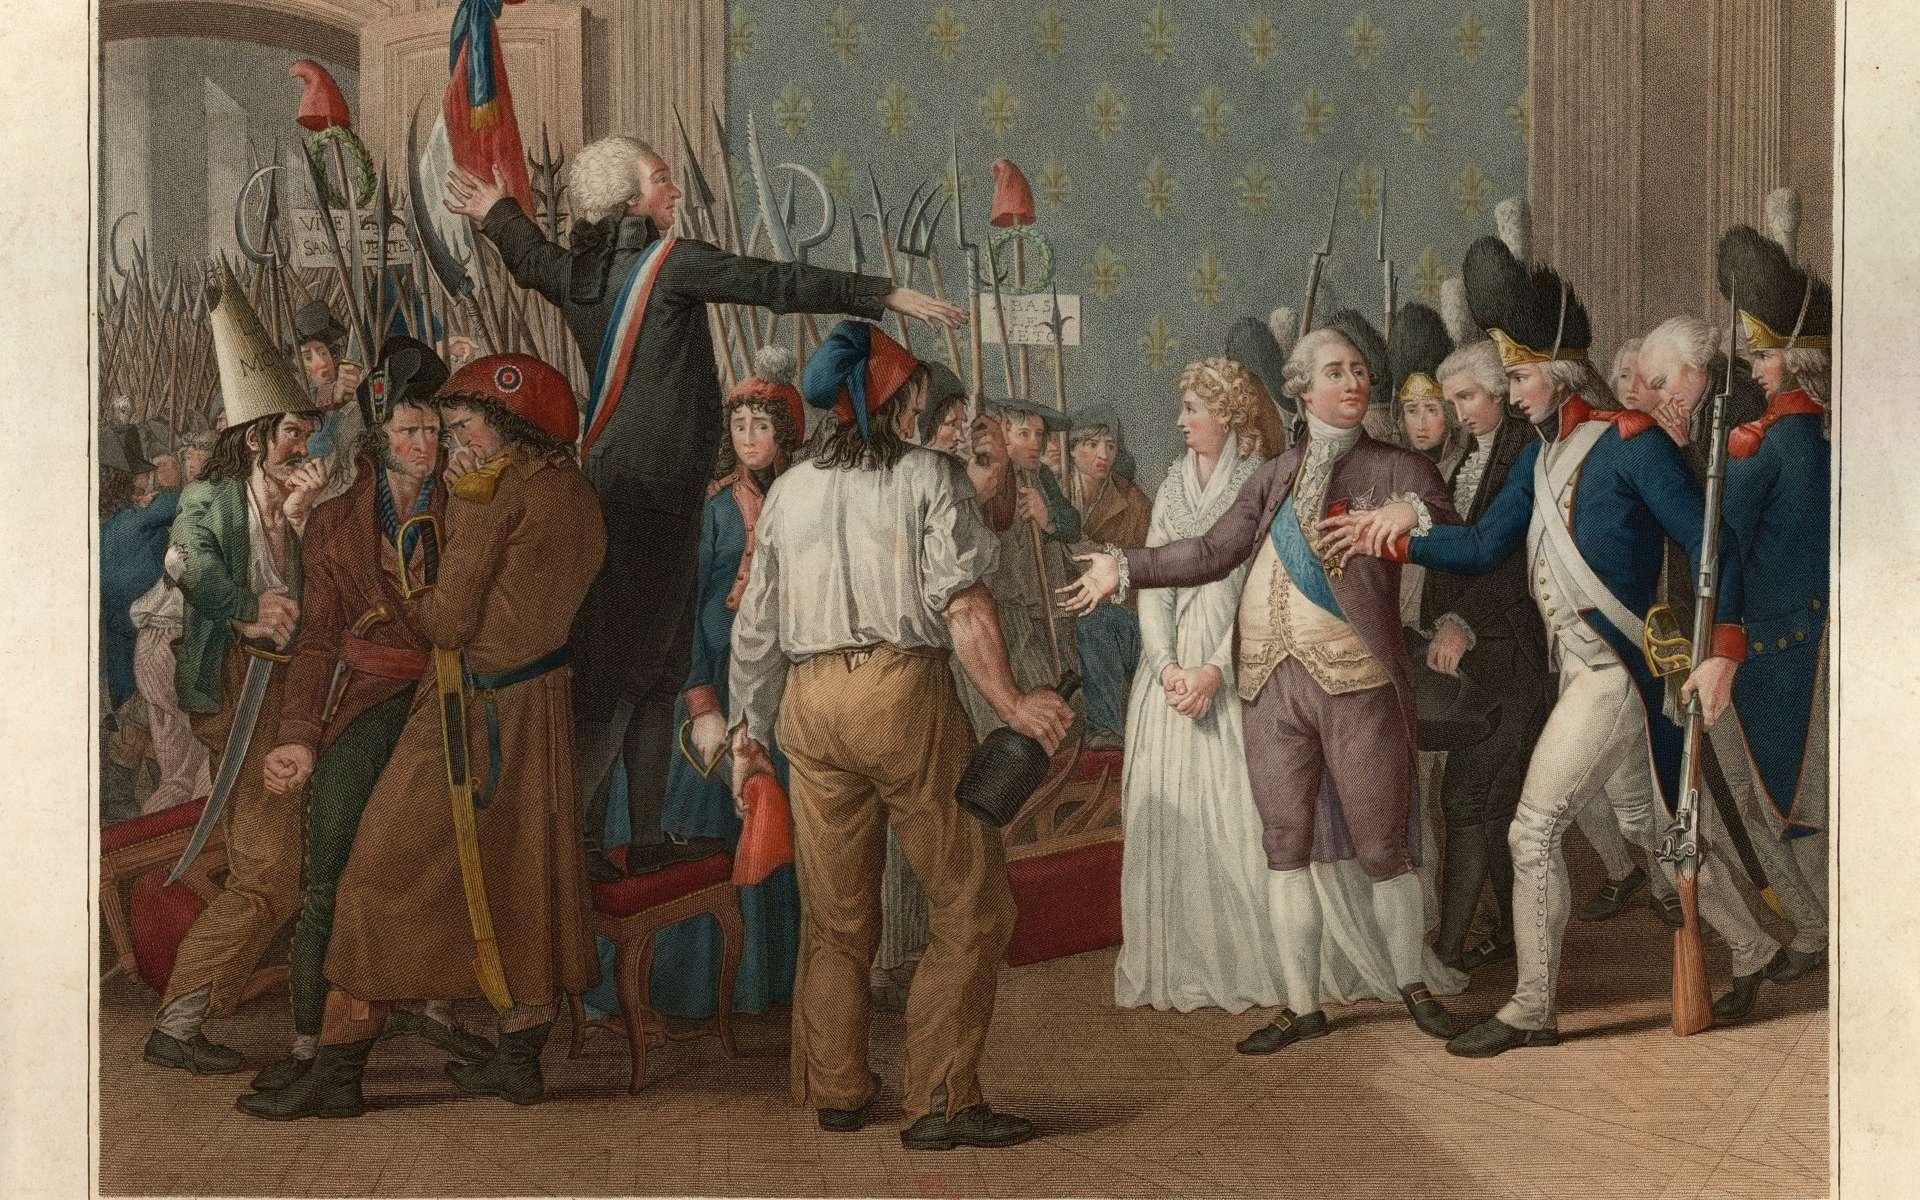 «Journée du 20 juin 1792 au château des Tuileries» d'après la gravure de J-B Vérité (1776-1837). © Bibliothèque nationale de France, DP